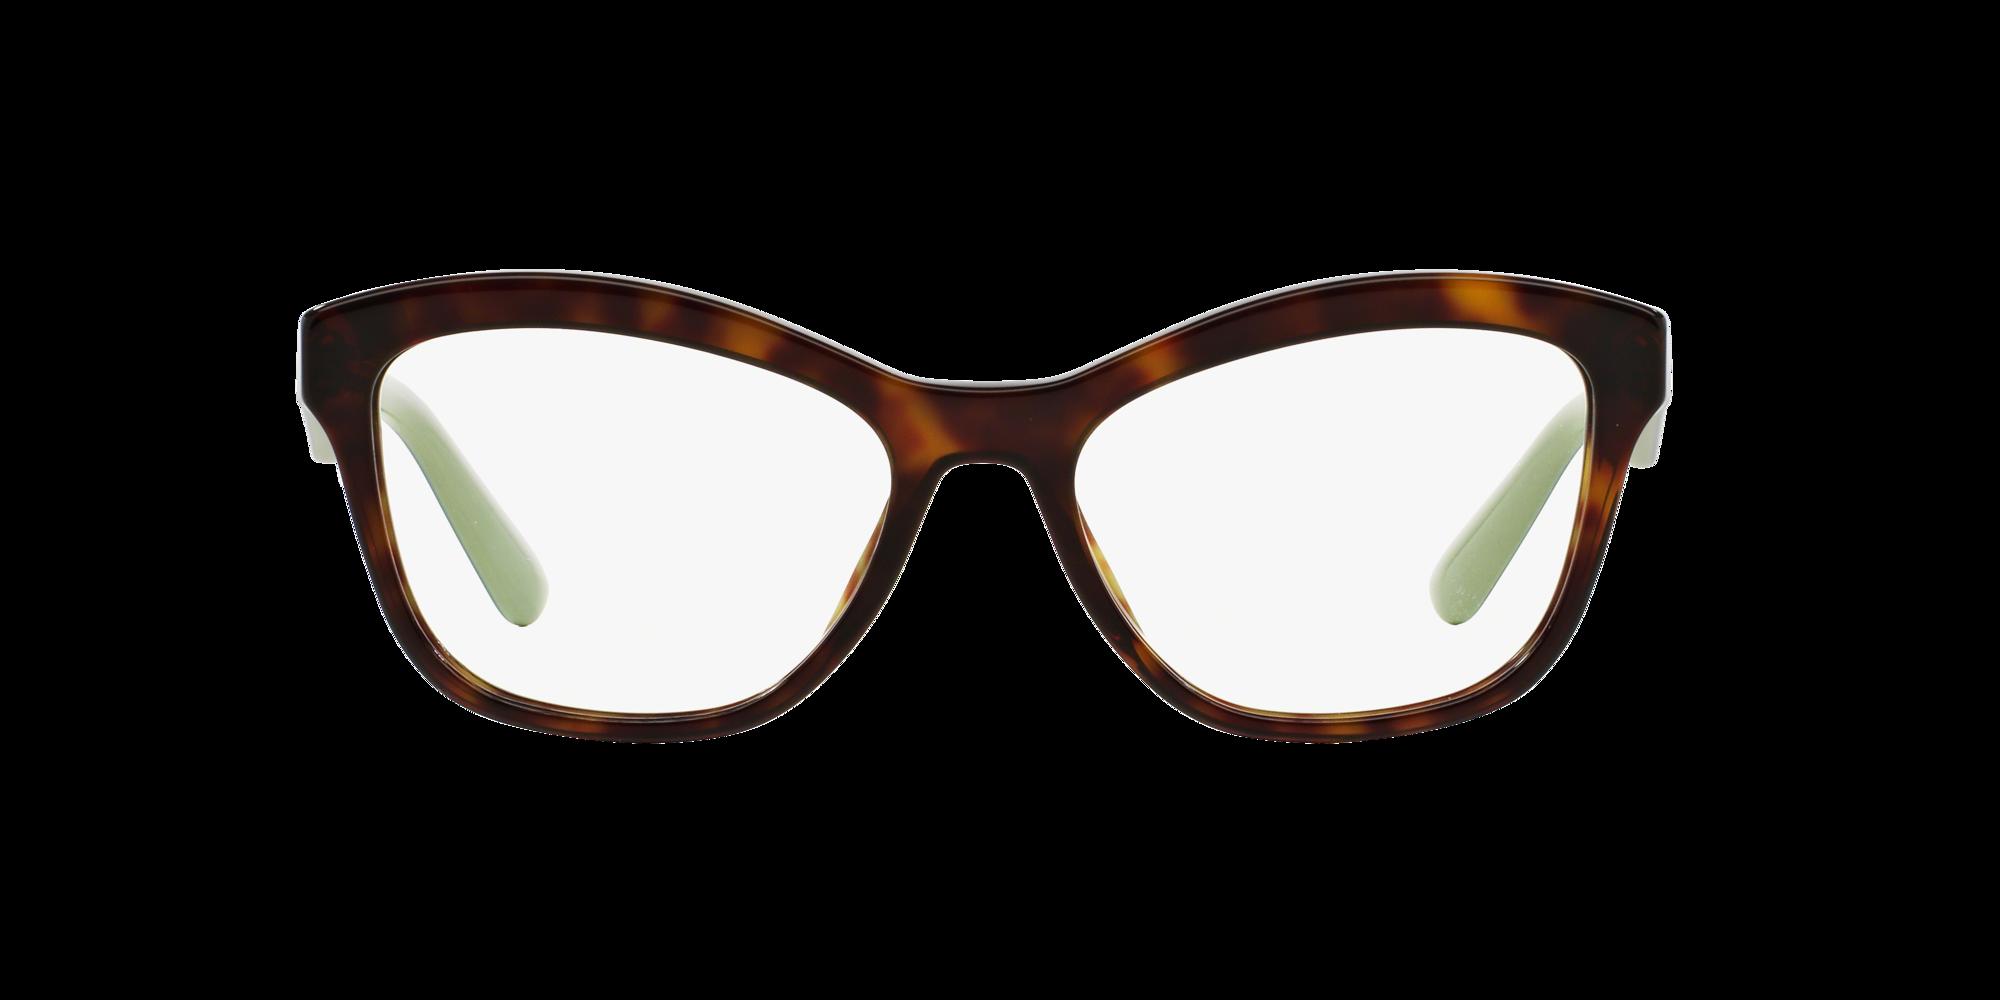 Imagen para PR 29RV de LensCrafters |  Espejuelos, espejuelos graduados en línea, gafas